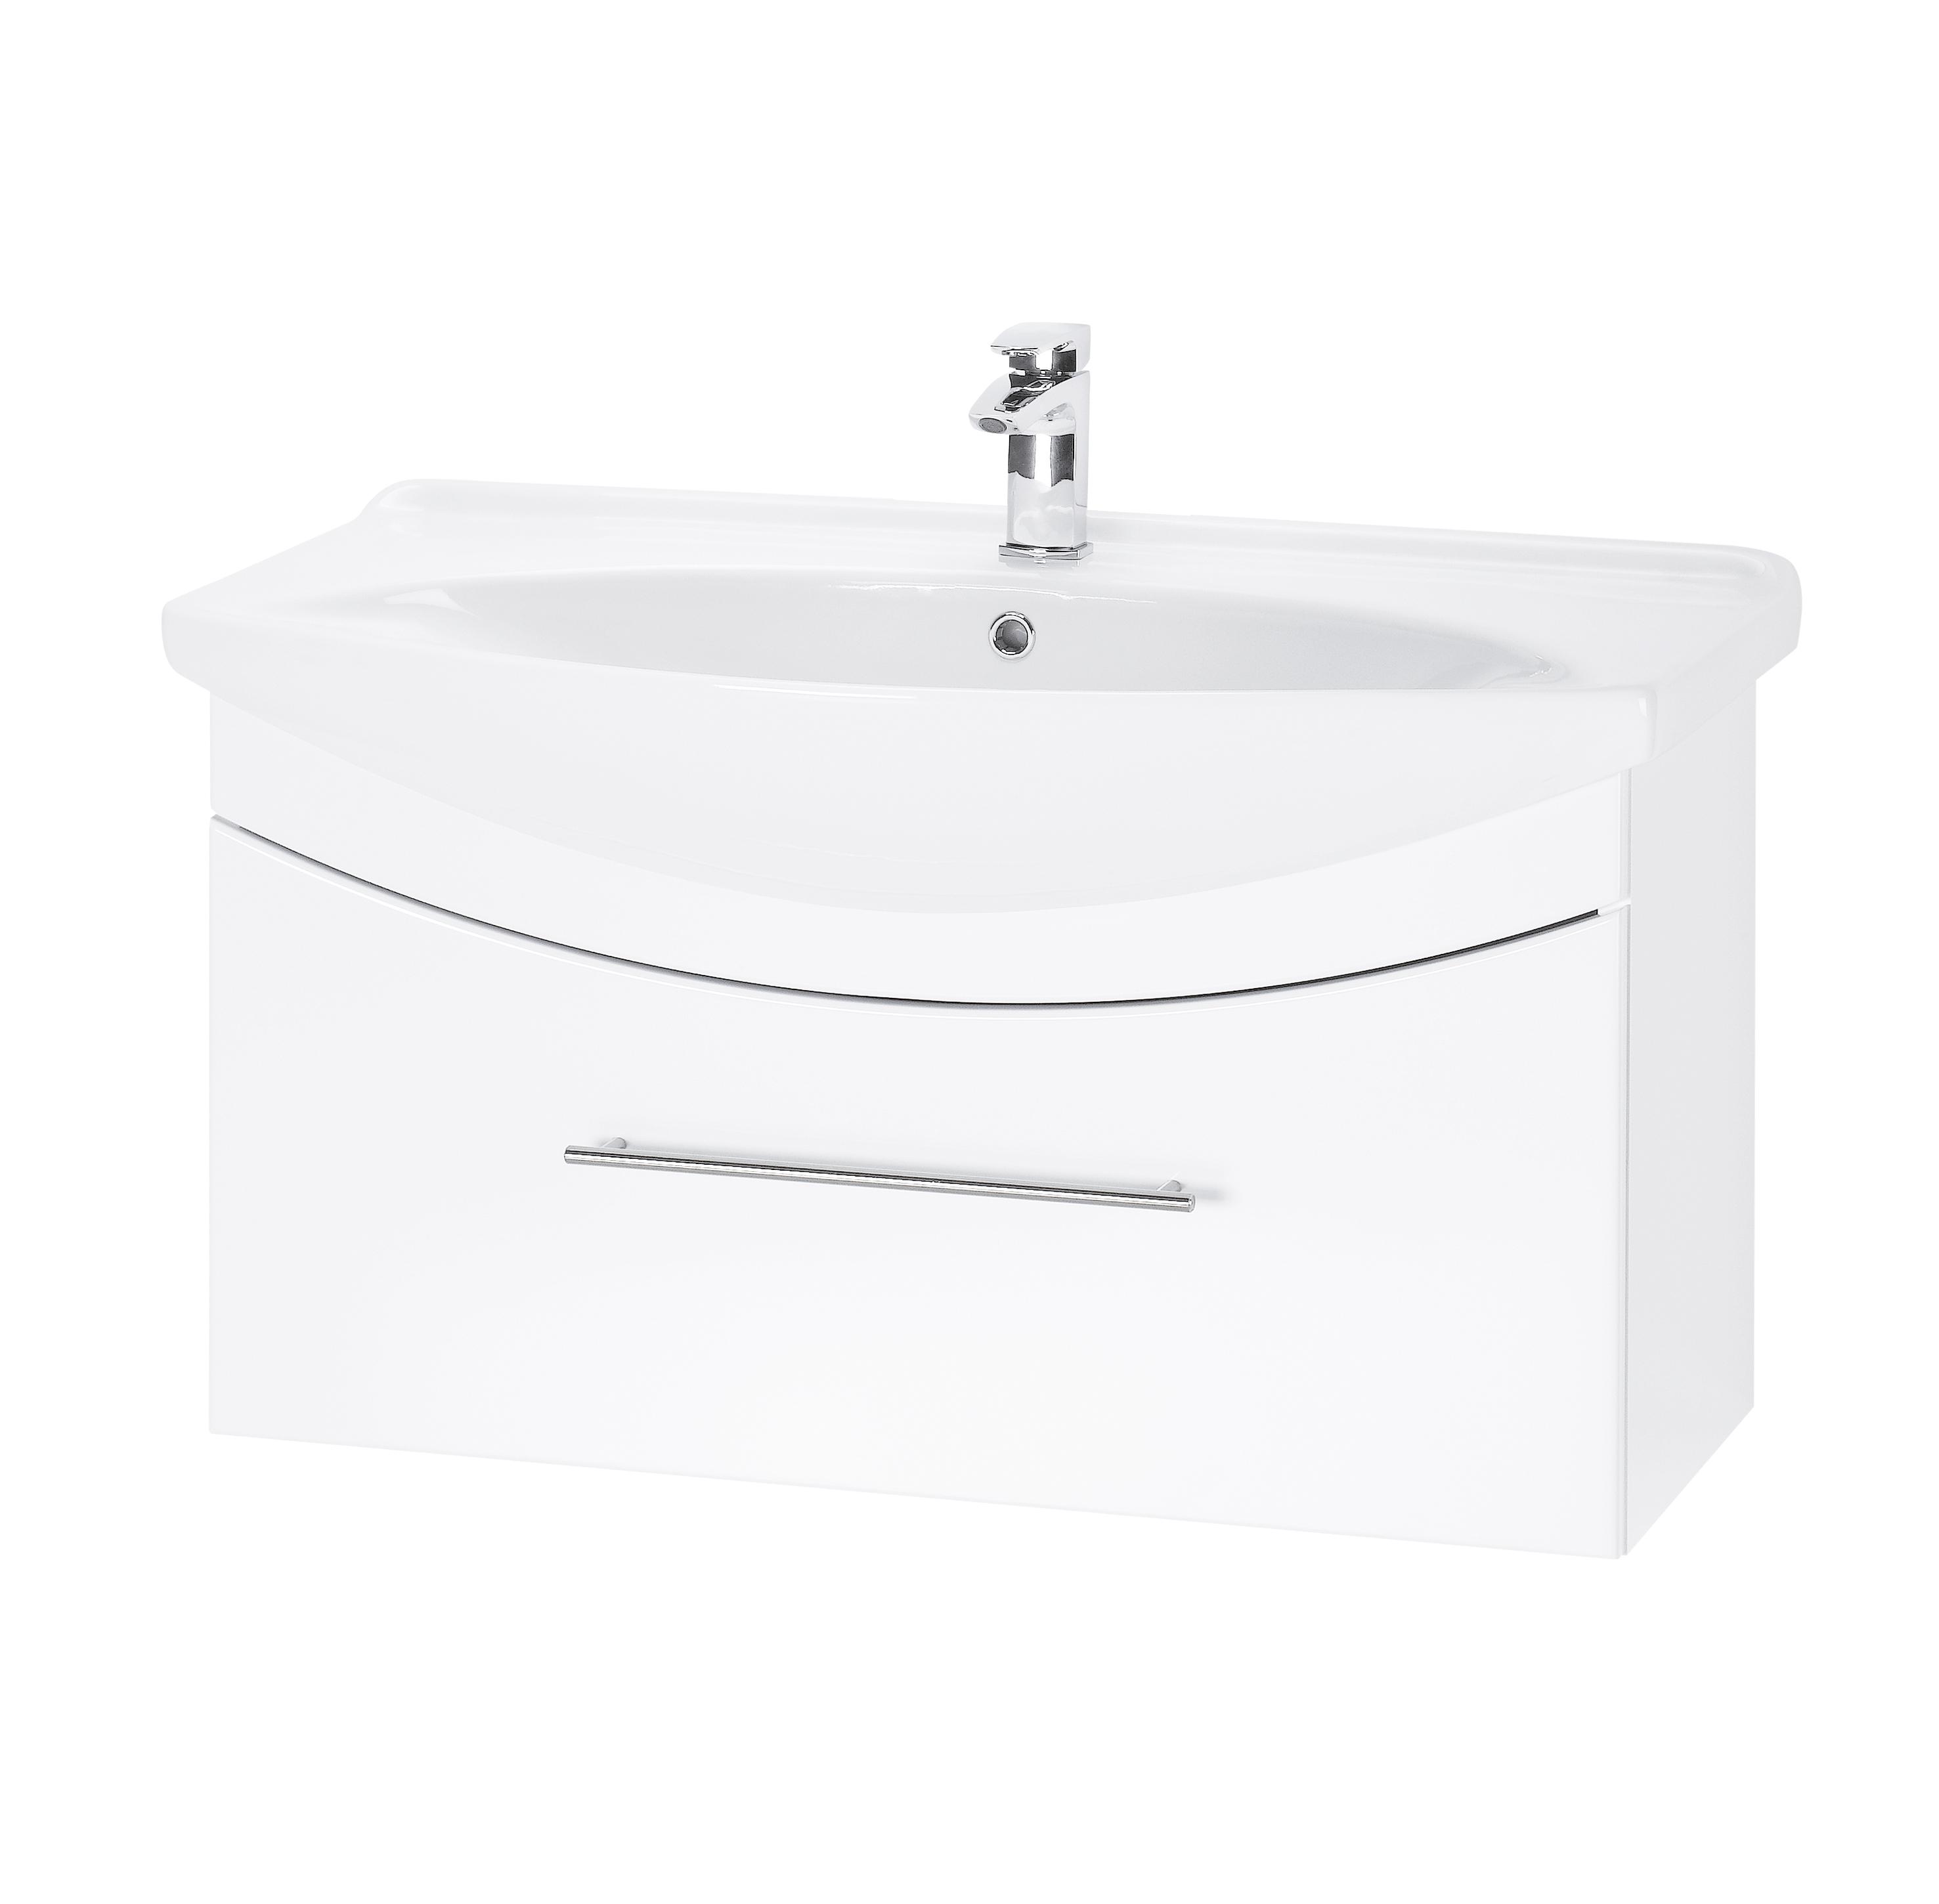 Тумба под раковину DrejaМебель для ванной комнаты<br>Тип: тумба,<br>Тип установки мебели для ванной: под раковину,<br>Материал изготовления мебели для ванной: мдф,<br>Цвет мебели для ванной: белый,<br>С ящиками: есть<br>